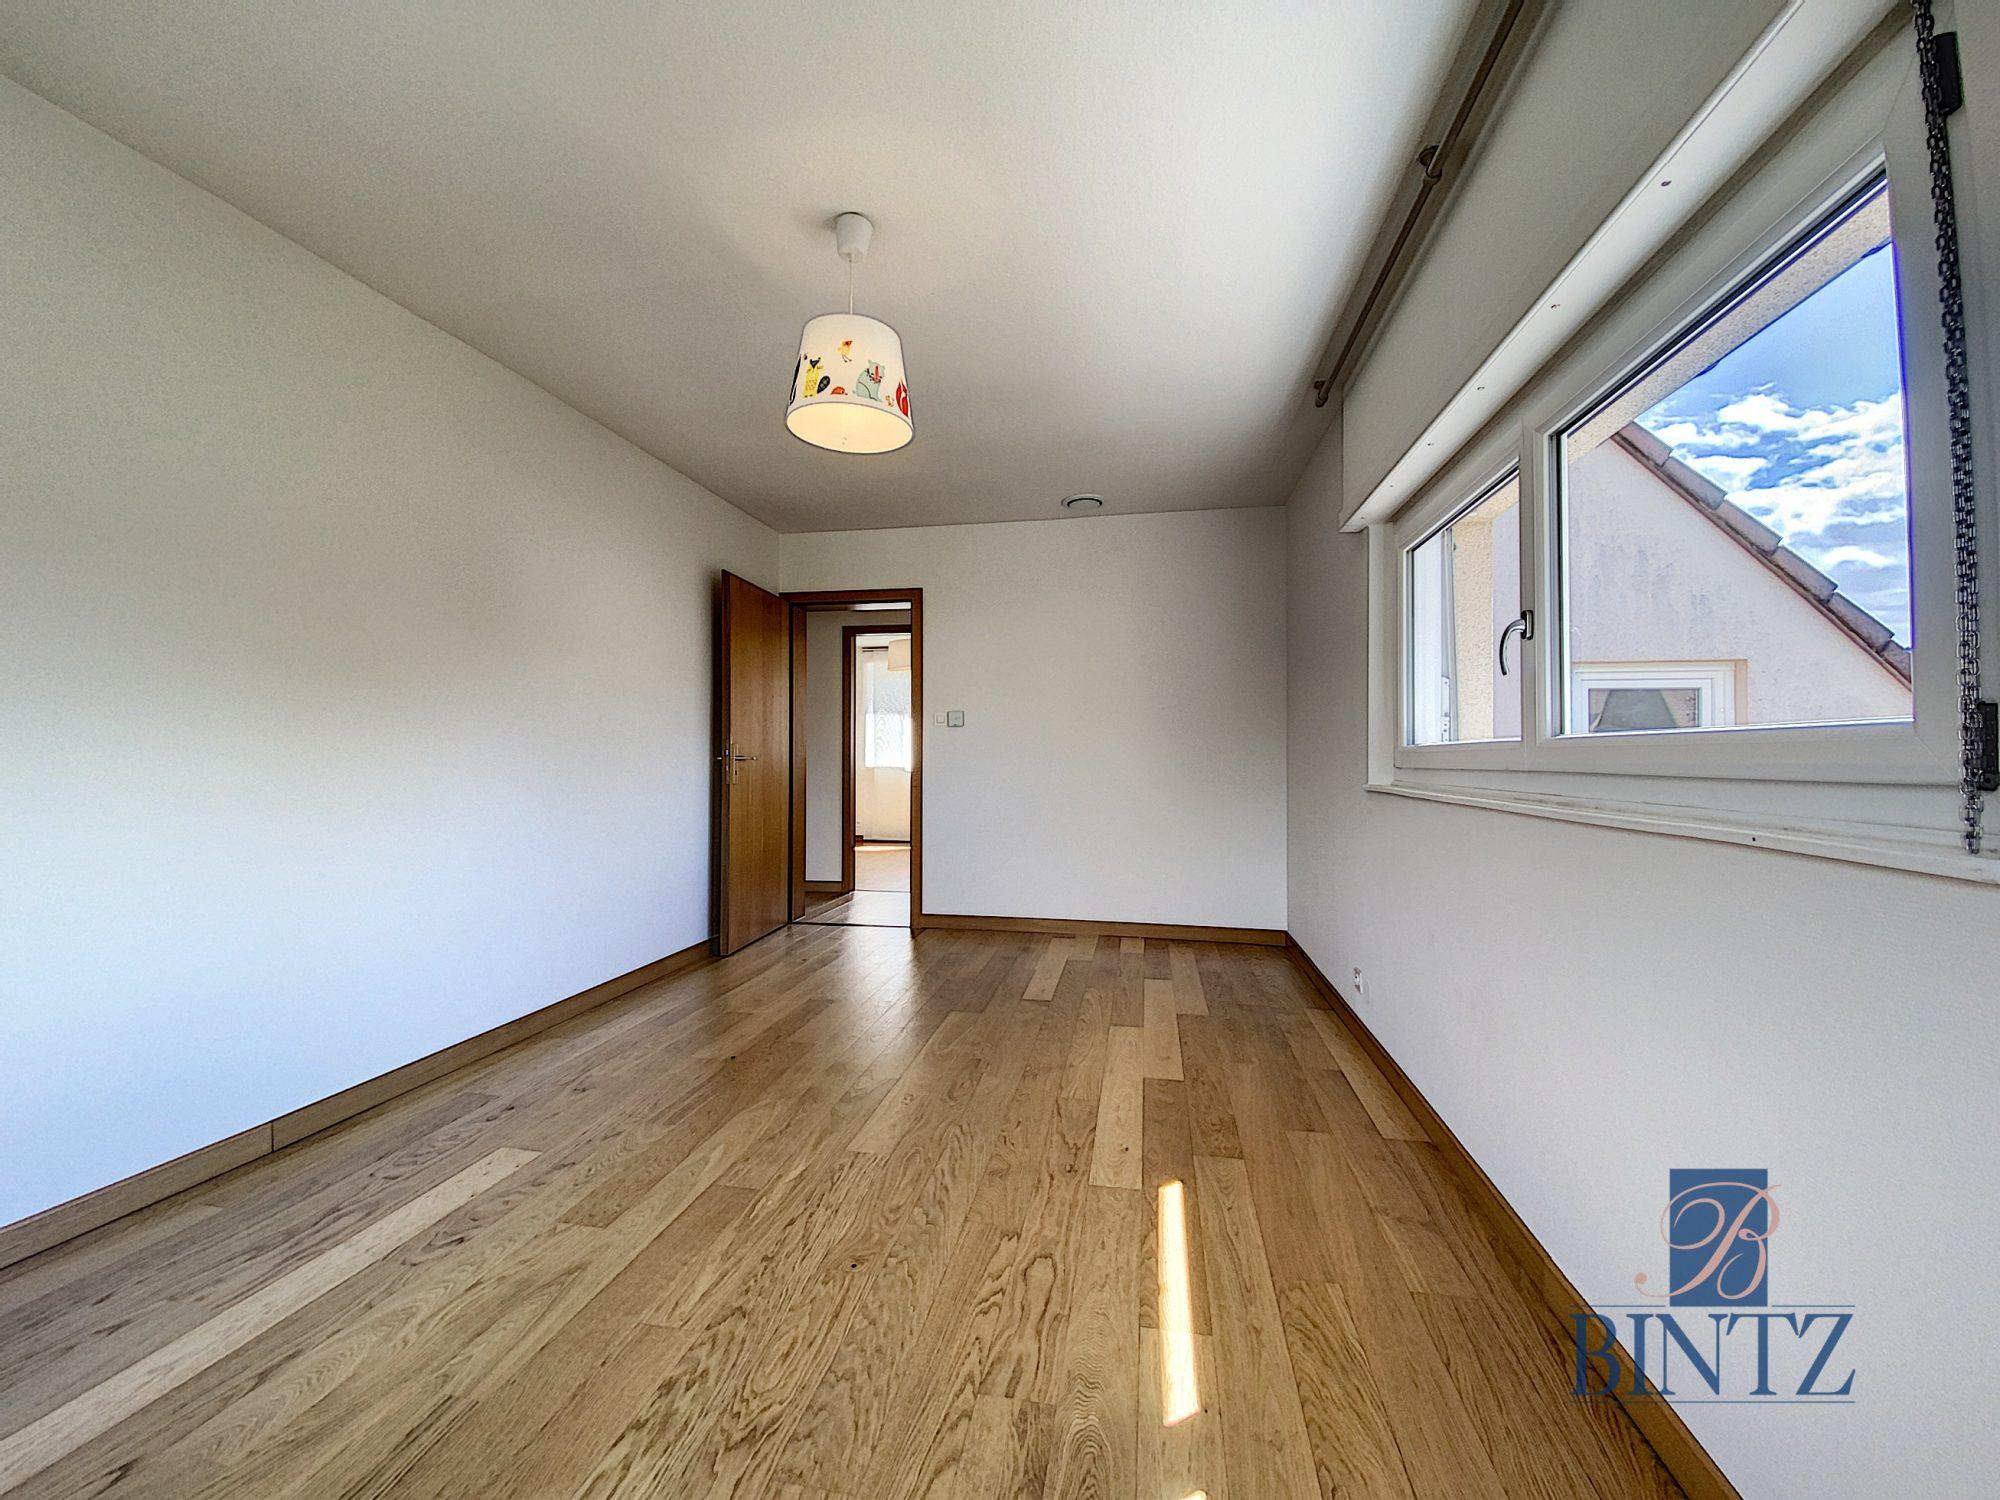 MAISON A LOUER ROBERTSAU - Devenez locataire en toute sérénité - Bintz Immobilier - 11